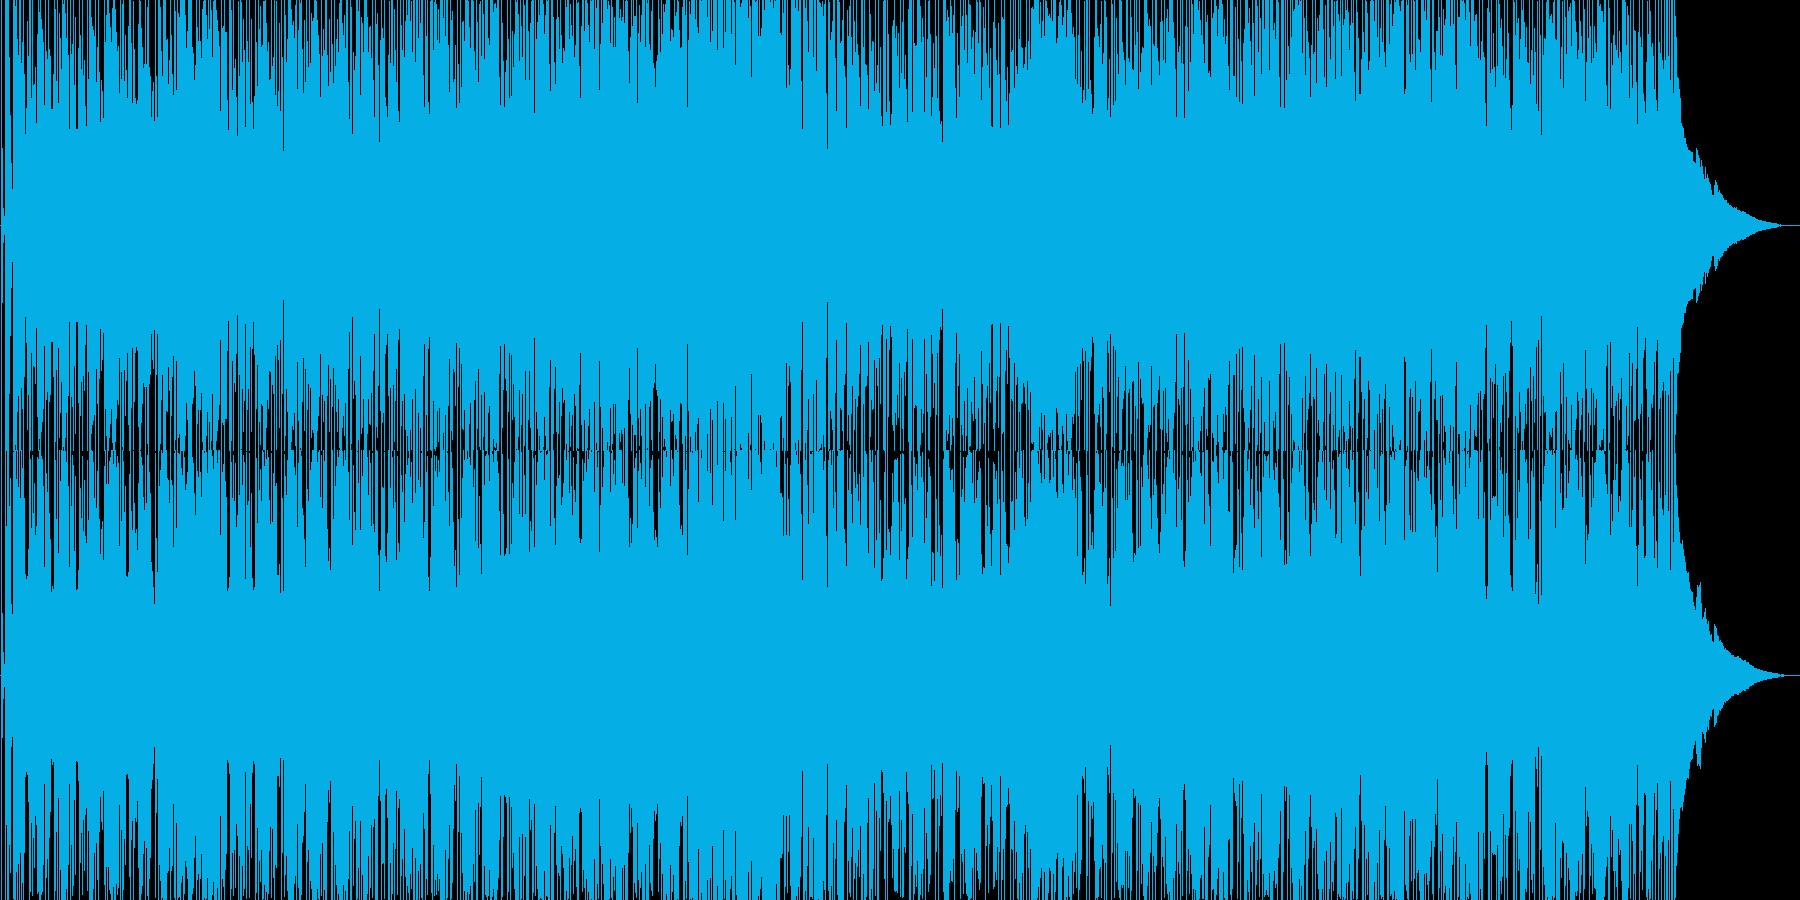 夏の浜辺のイメージのギターシンセポップスの再生済みの波形